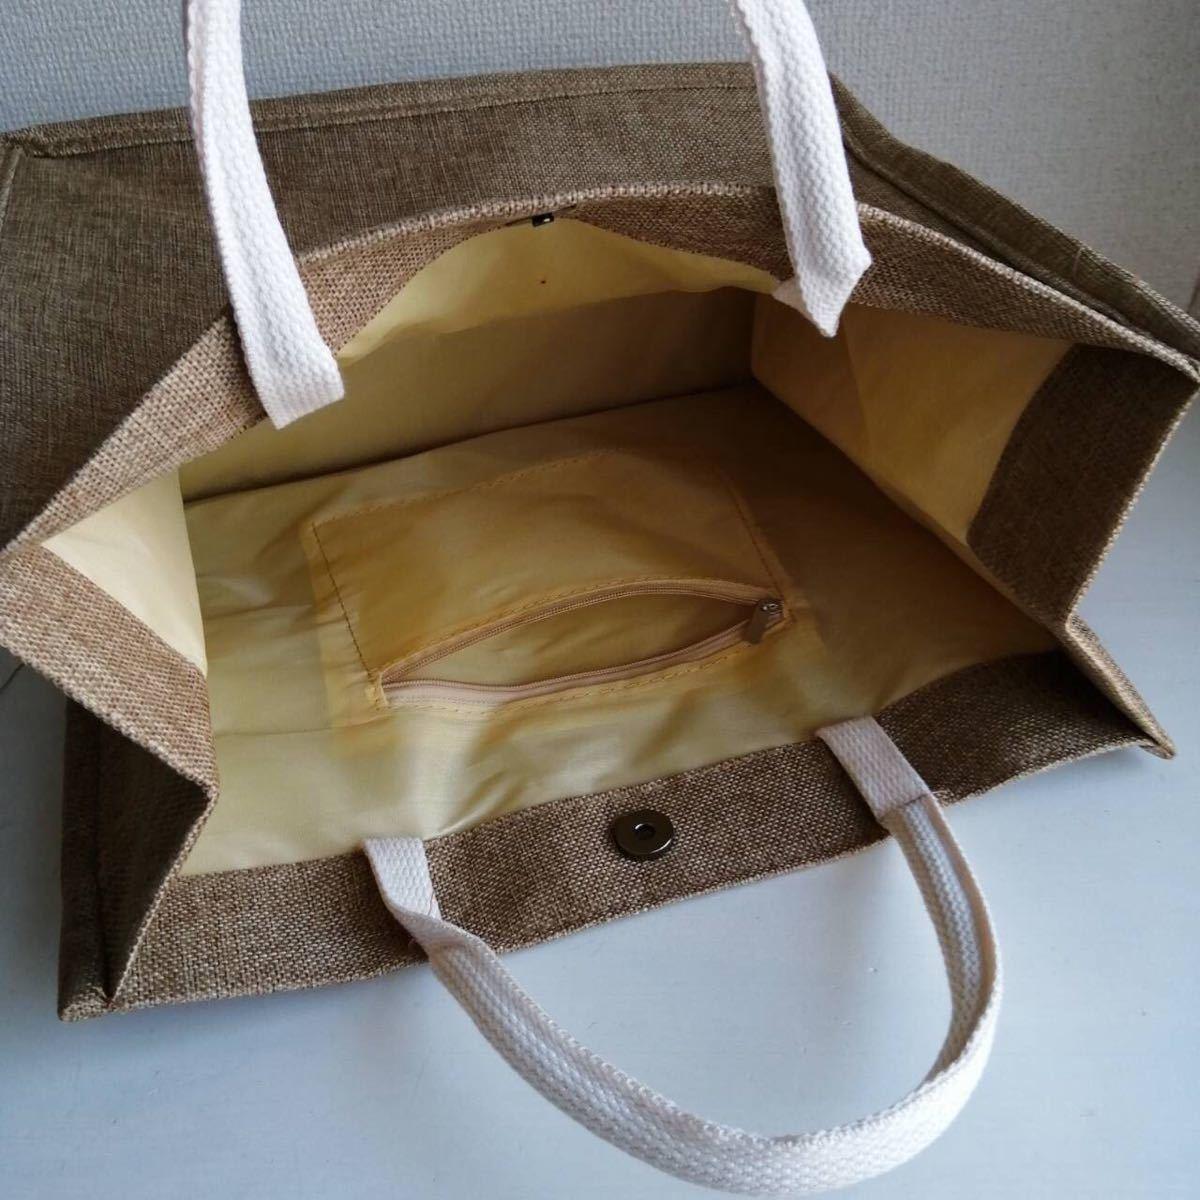 トートバッグ 韓国 カジュアル フランス ホワイト 大容量 ジュートマイバッグ